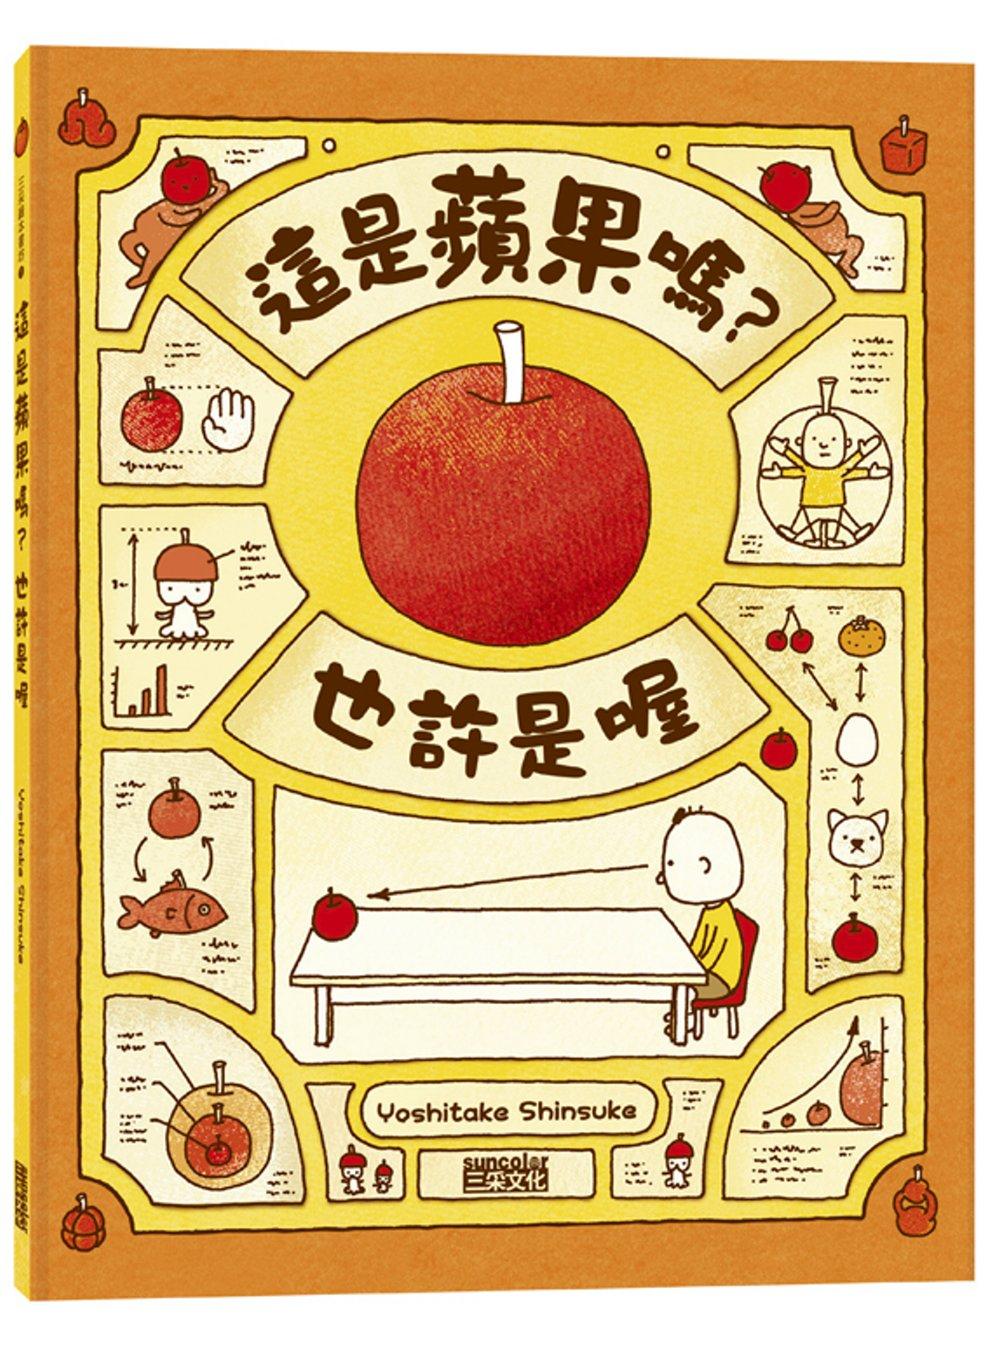 這是蘋果嗎?也許是喔